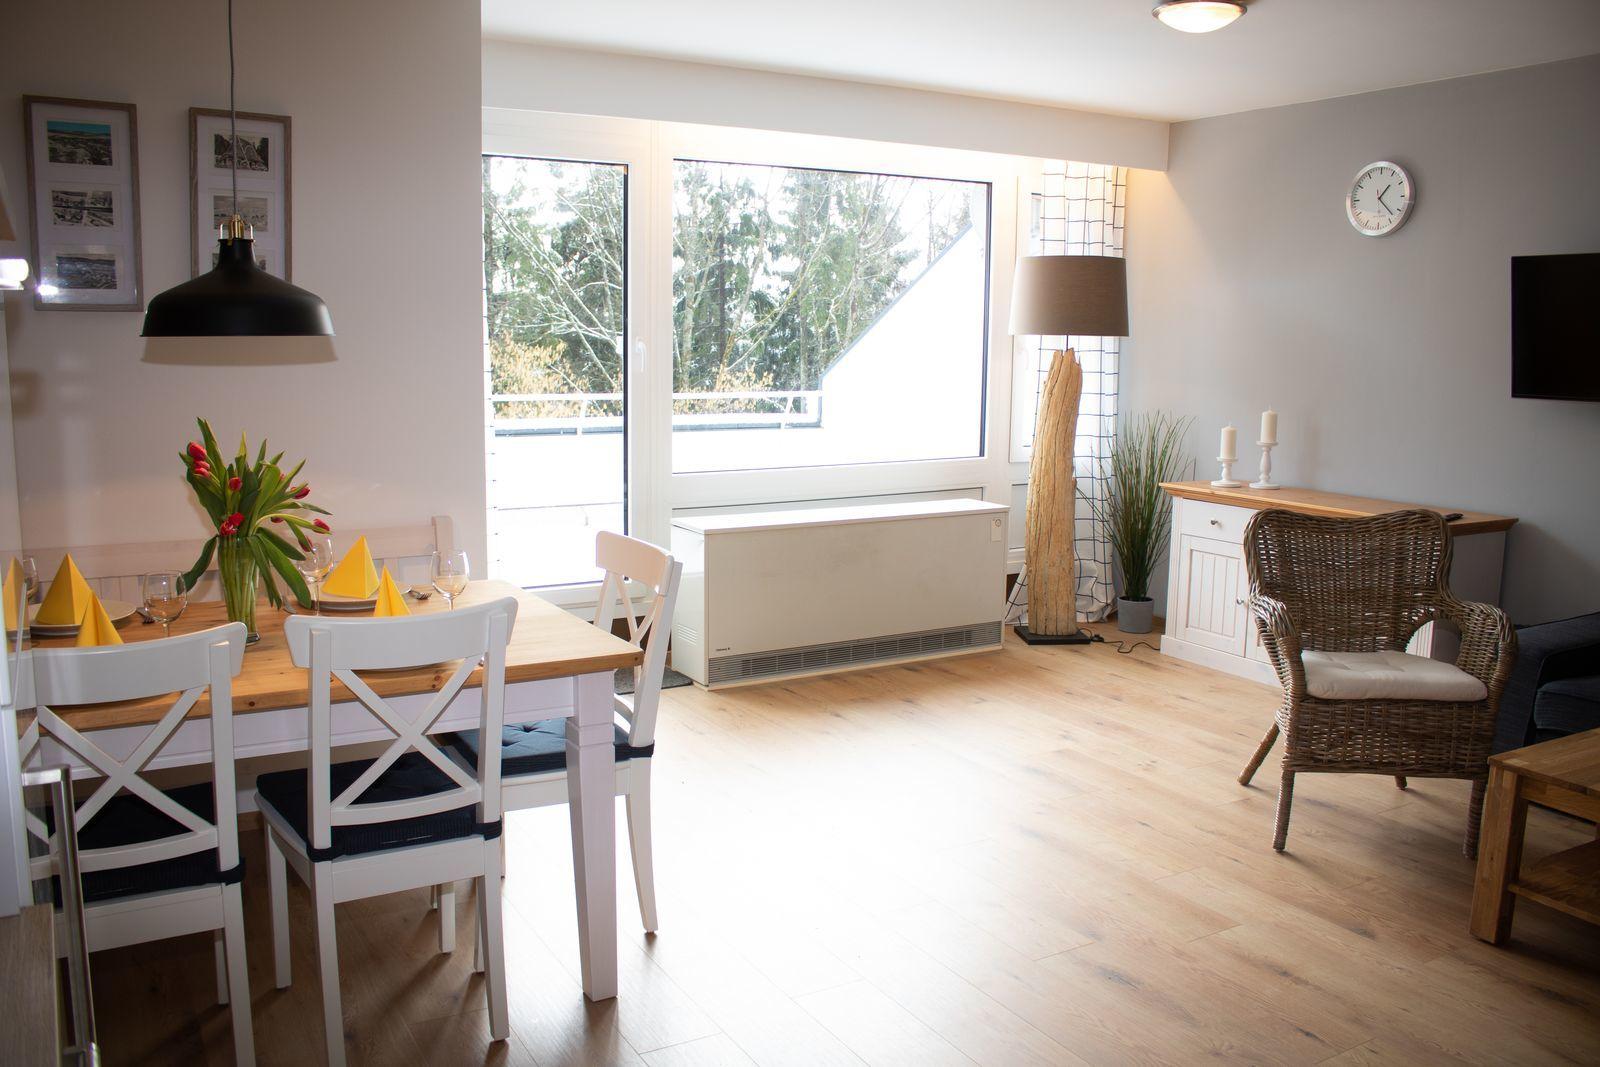 Apartement - Am Waltenberg 70-R